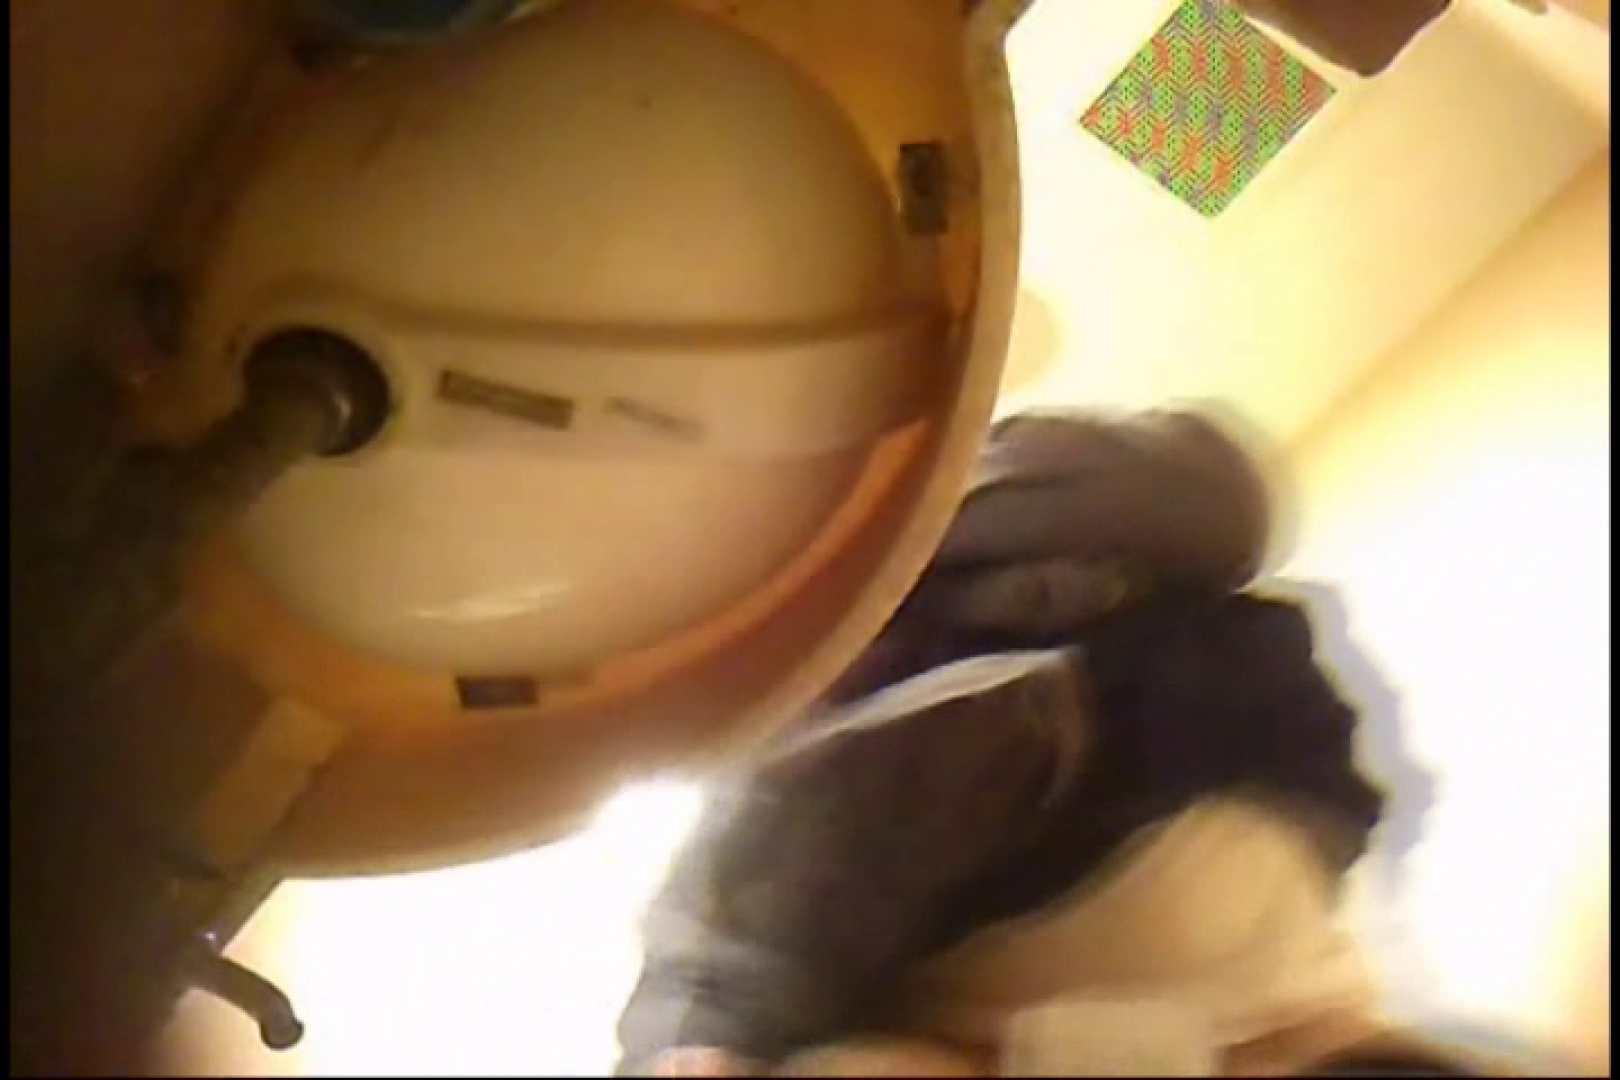 画質向上!新亀さん厠 vol.78 オマンコ特集 ワレメ無修正動画無料 104pic 89